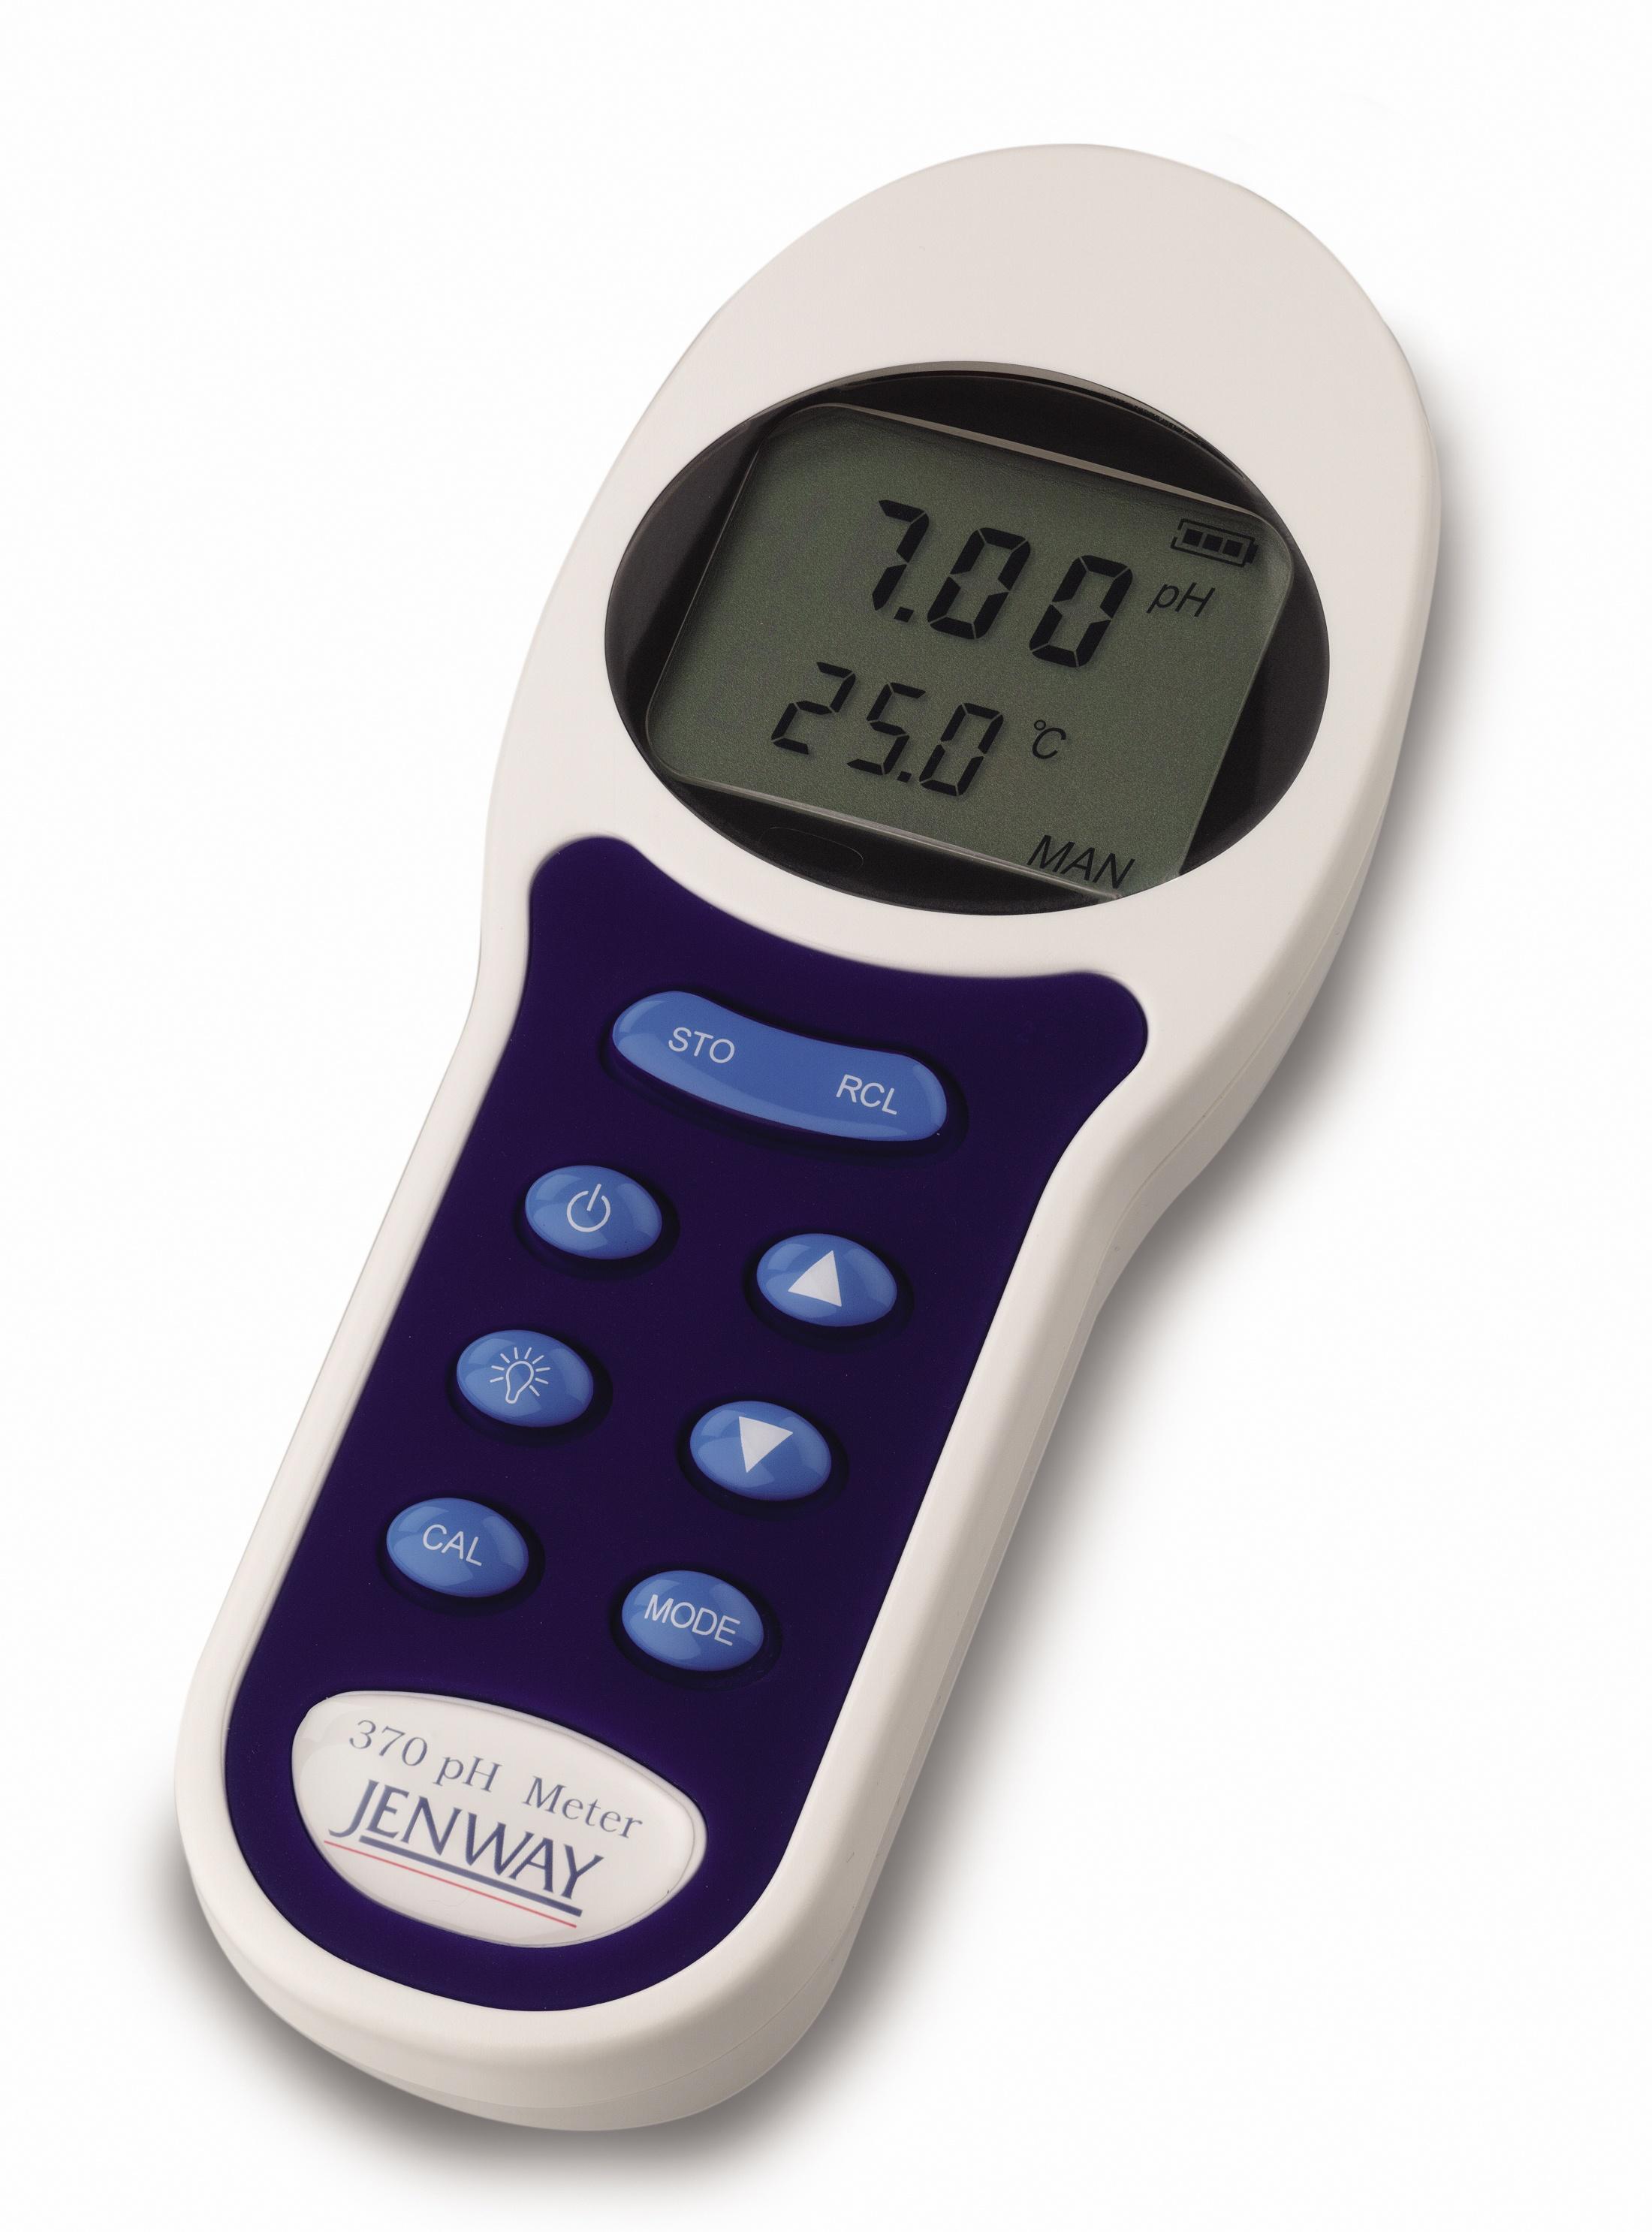 Jenway 370 pH meter